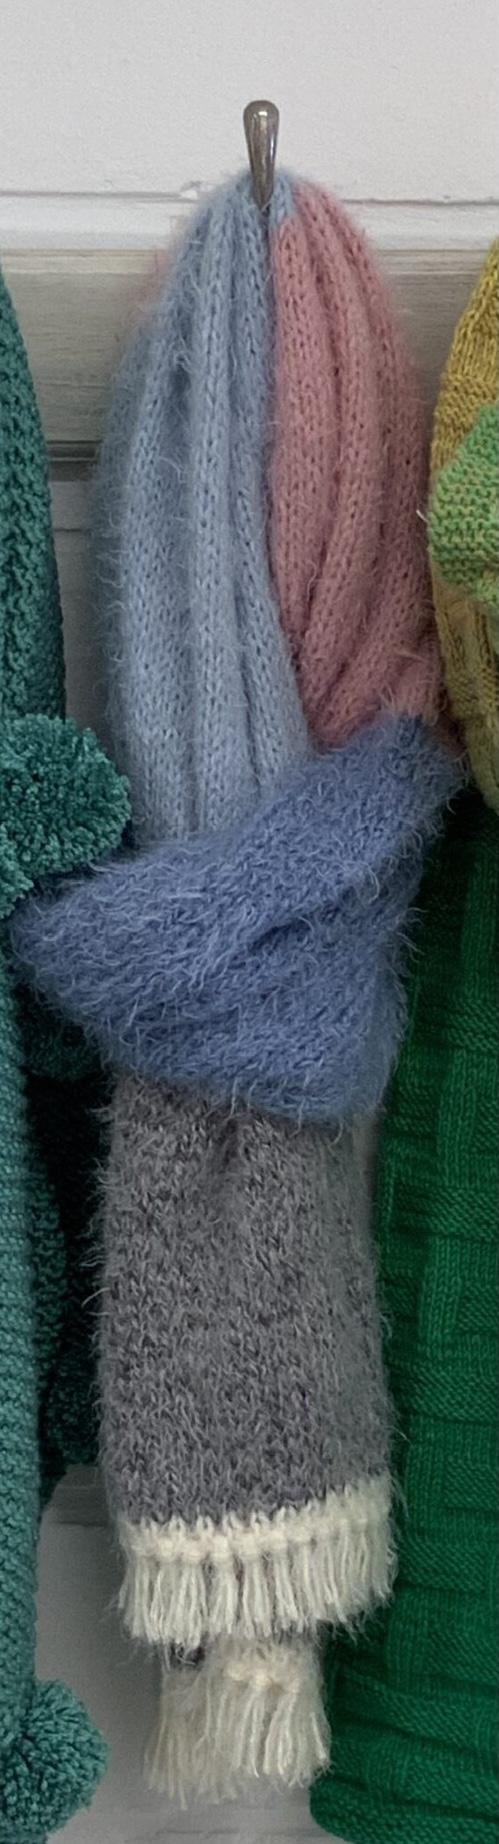 Breipakket sjaal Beaugency